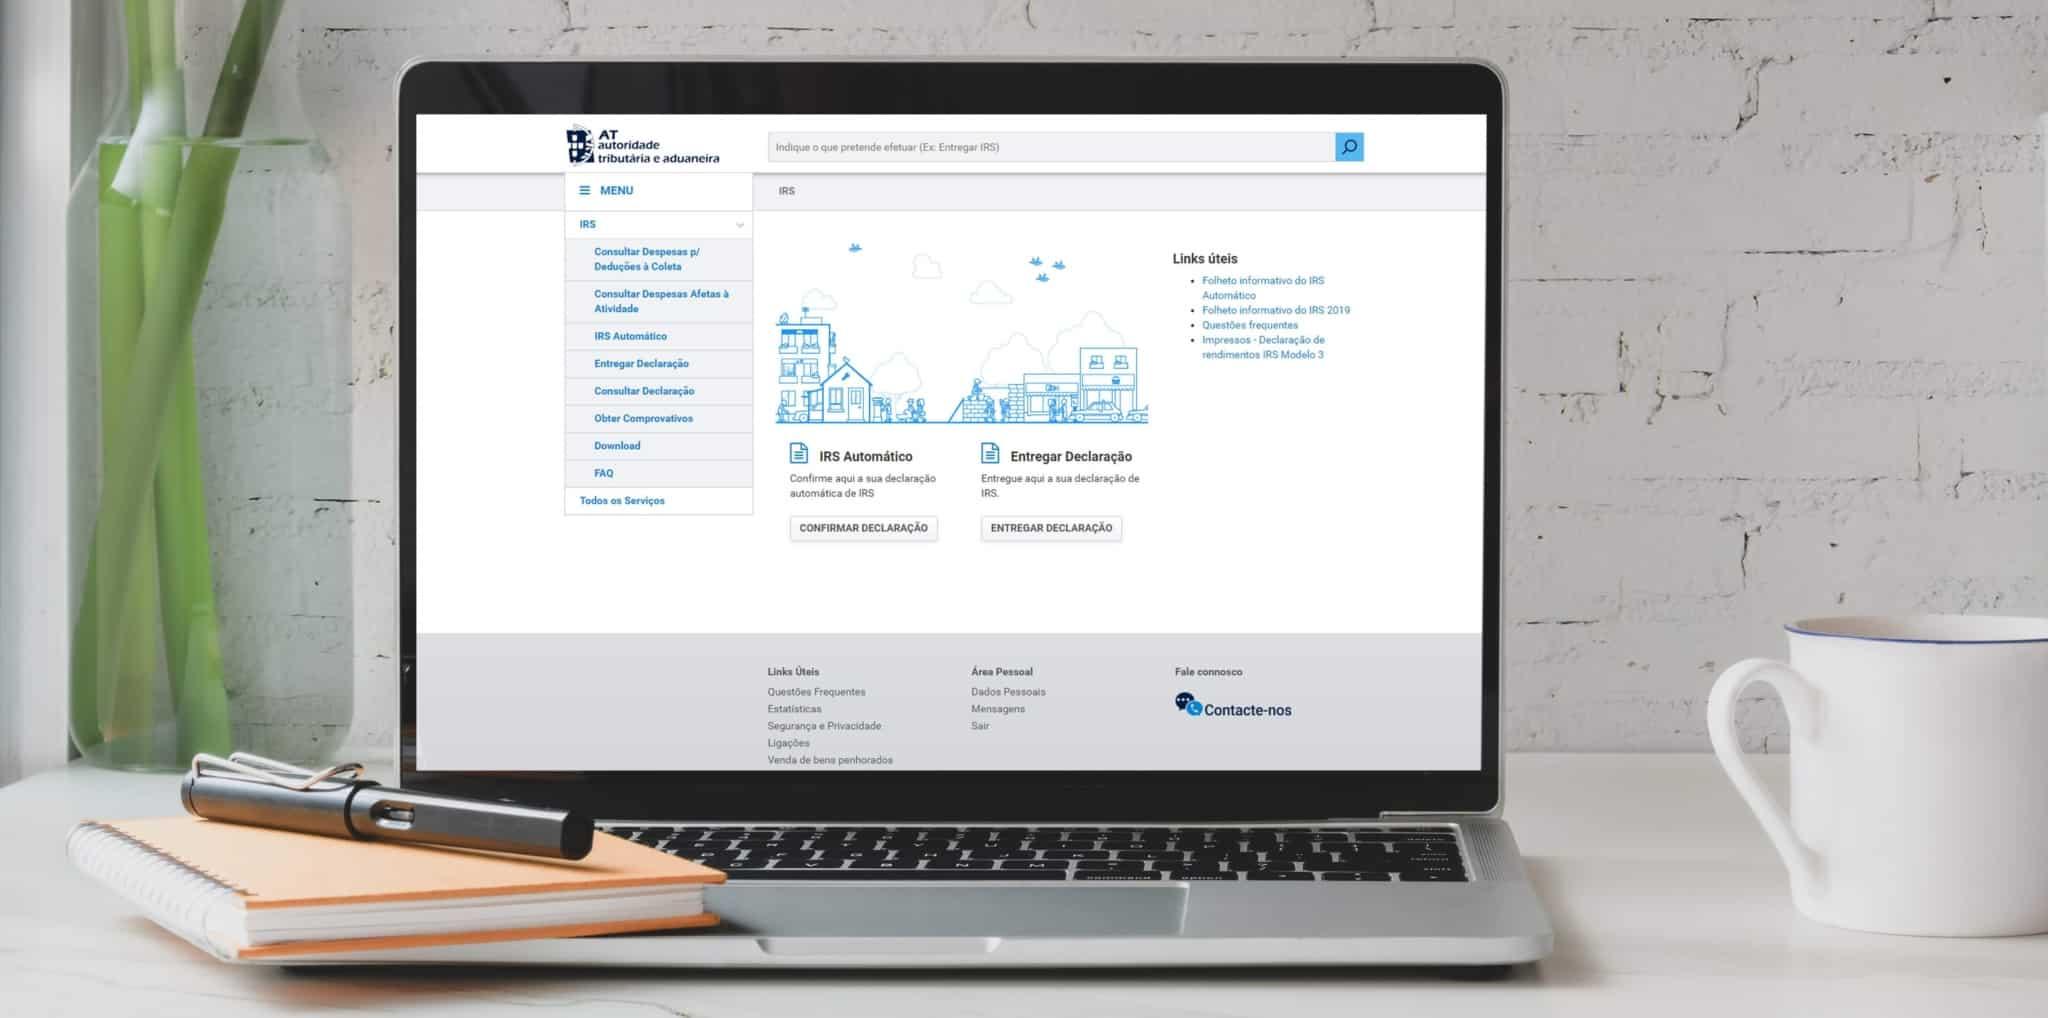 Website do portal das finanças